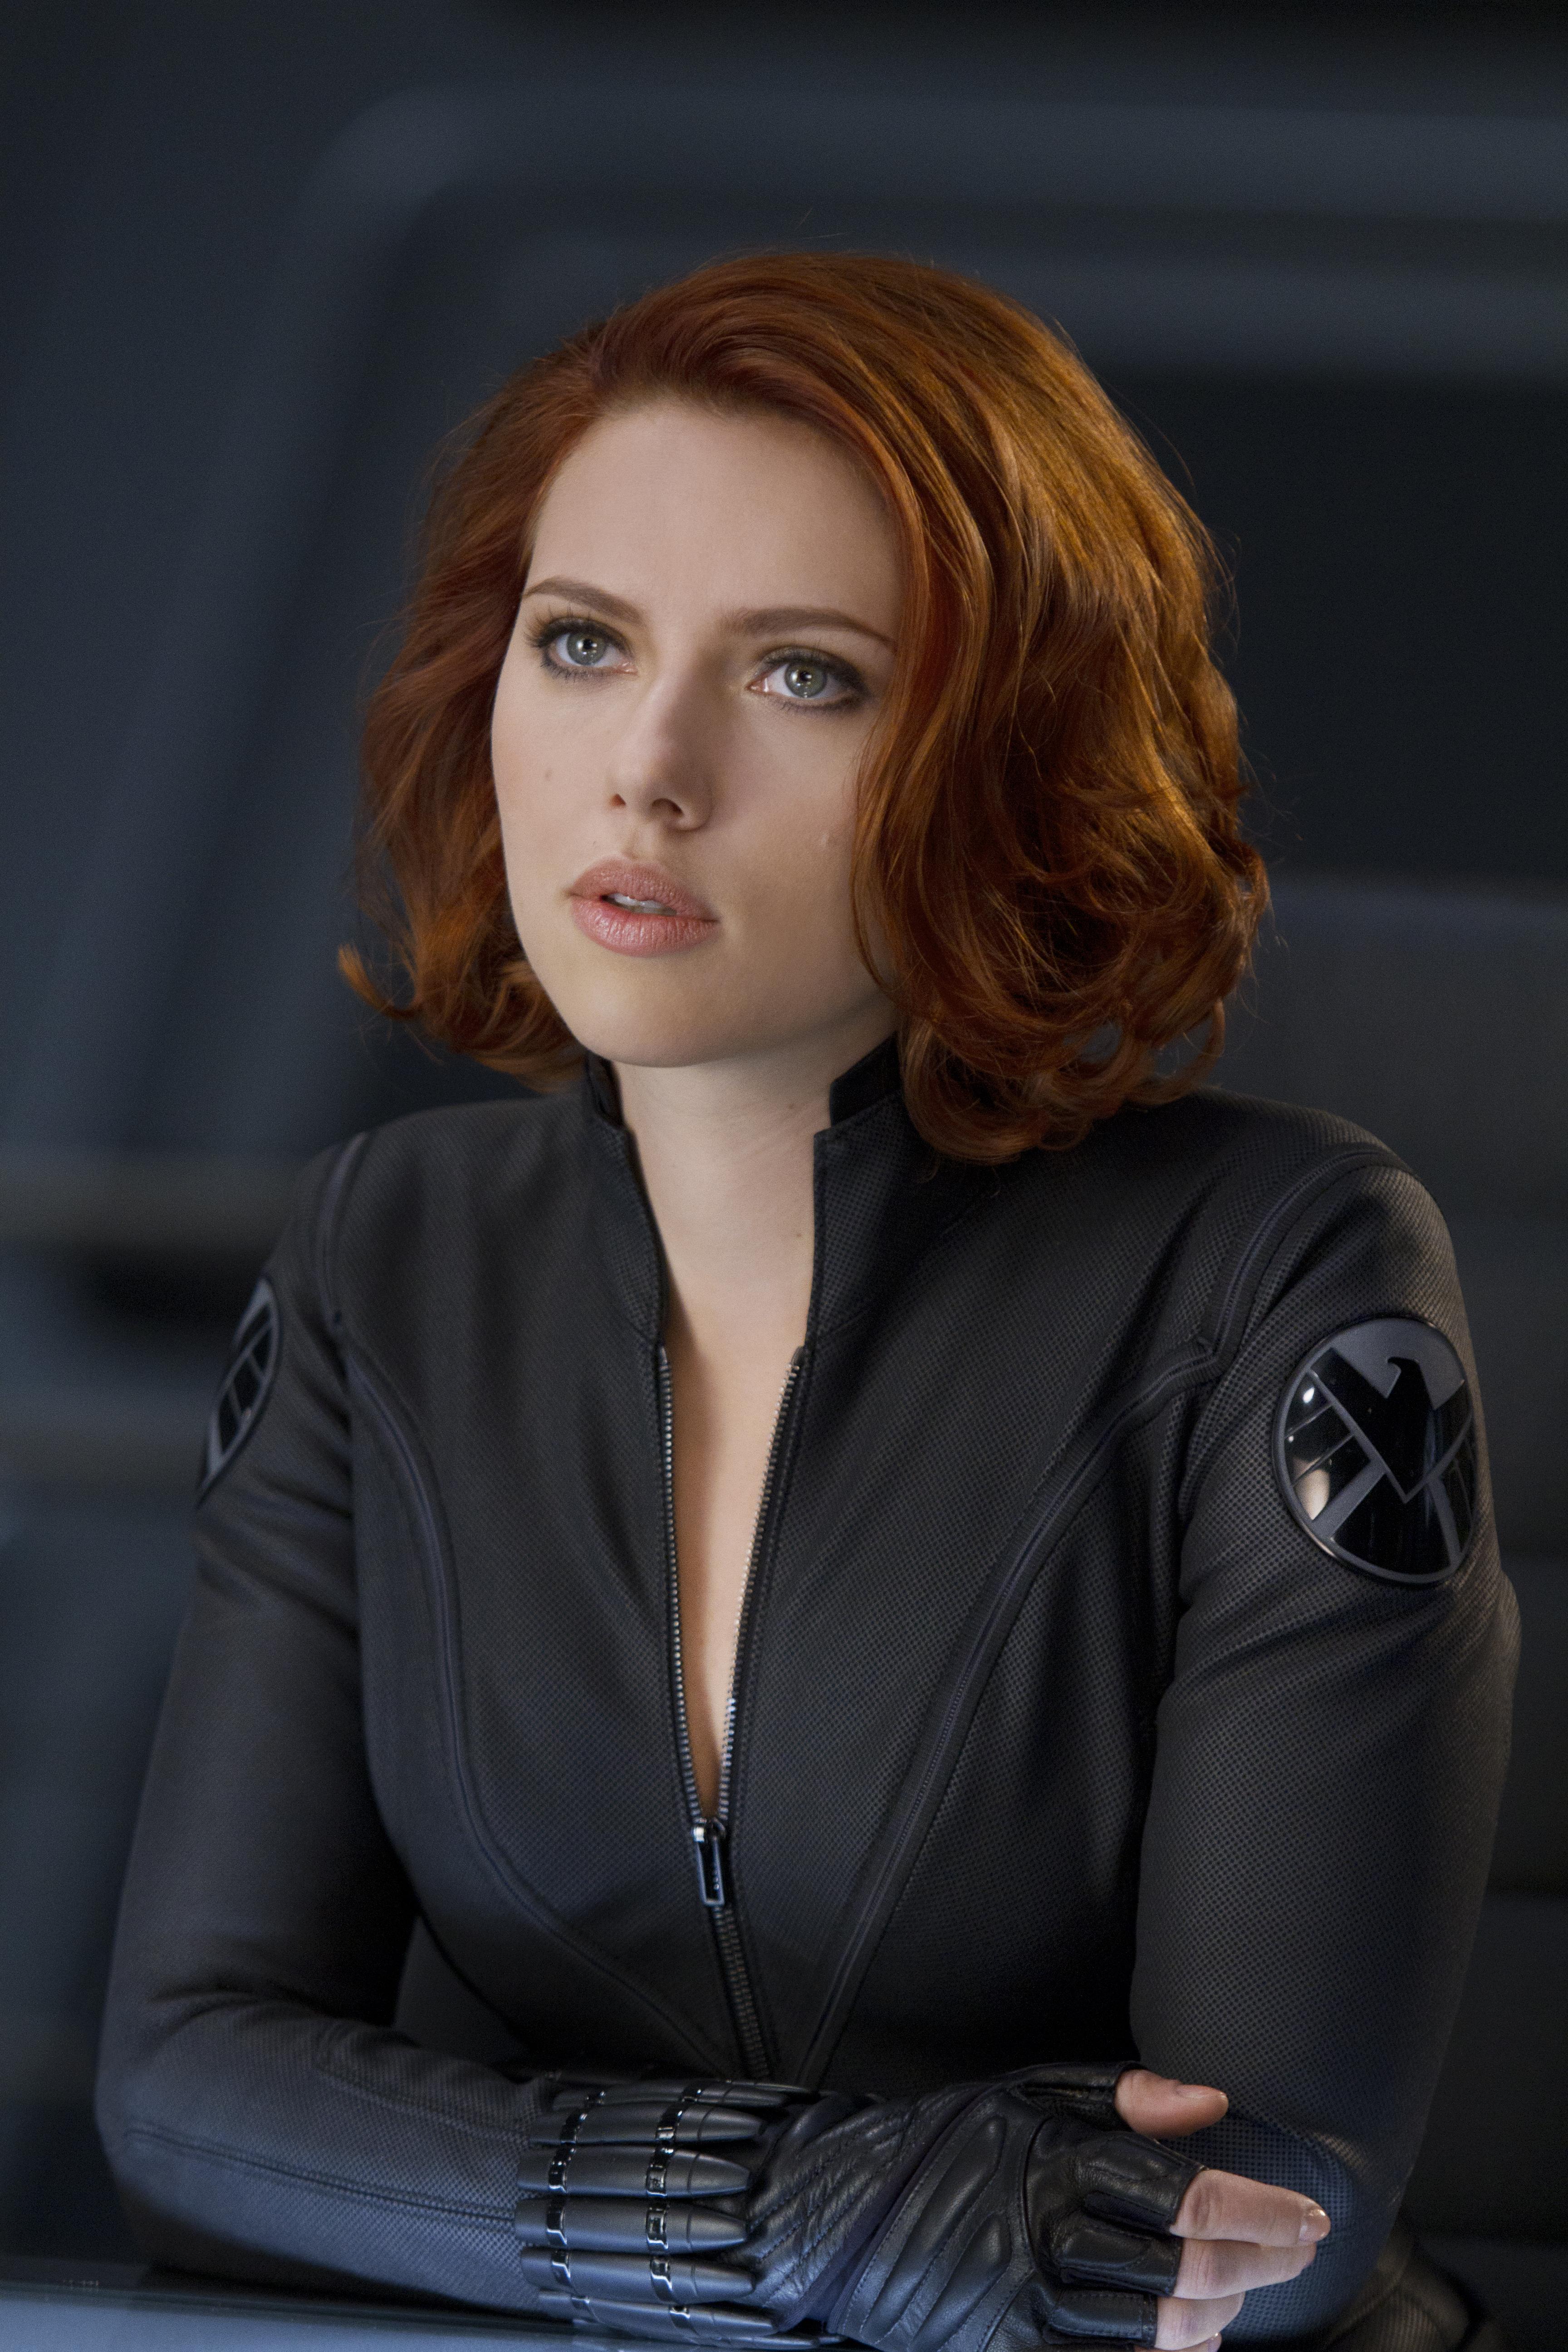 Scarlett Johansson as Black Black Widow Scarlett Johansson Avengers